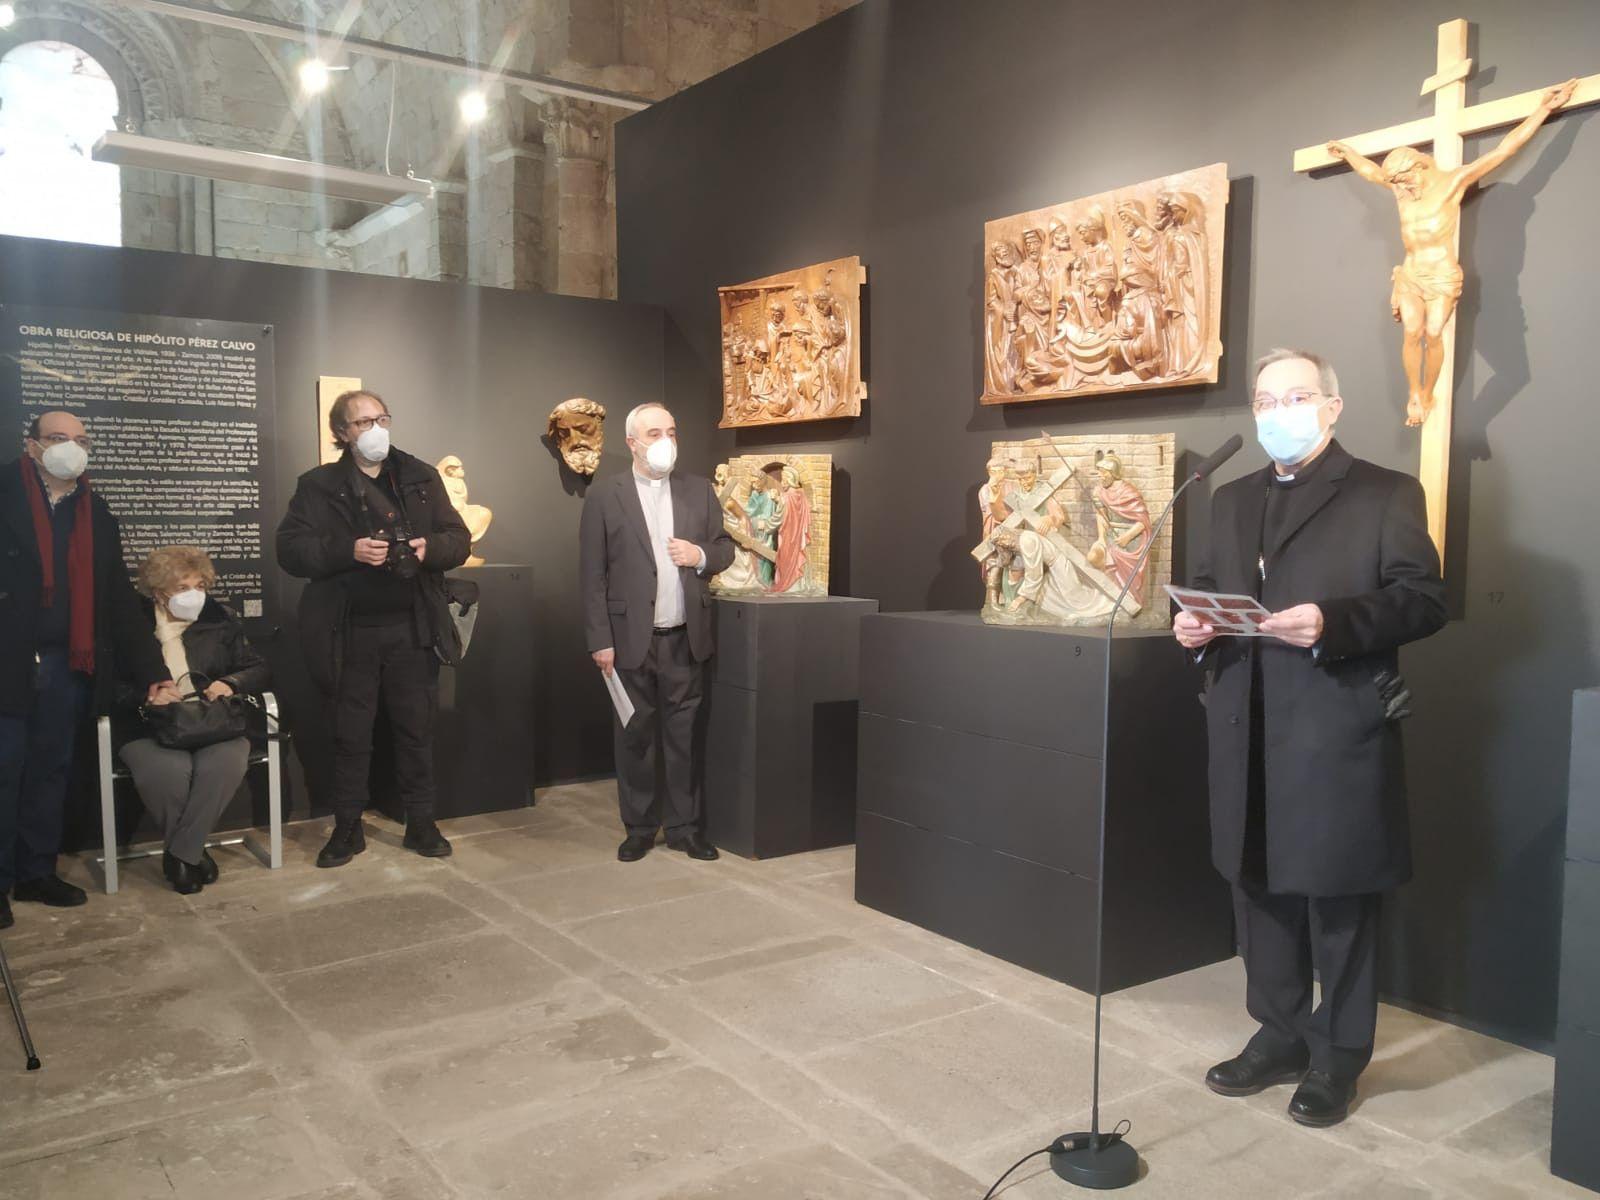 Exposicion hipolito perez calvo museo diocesano (1)